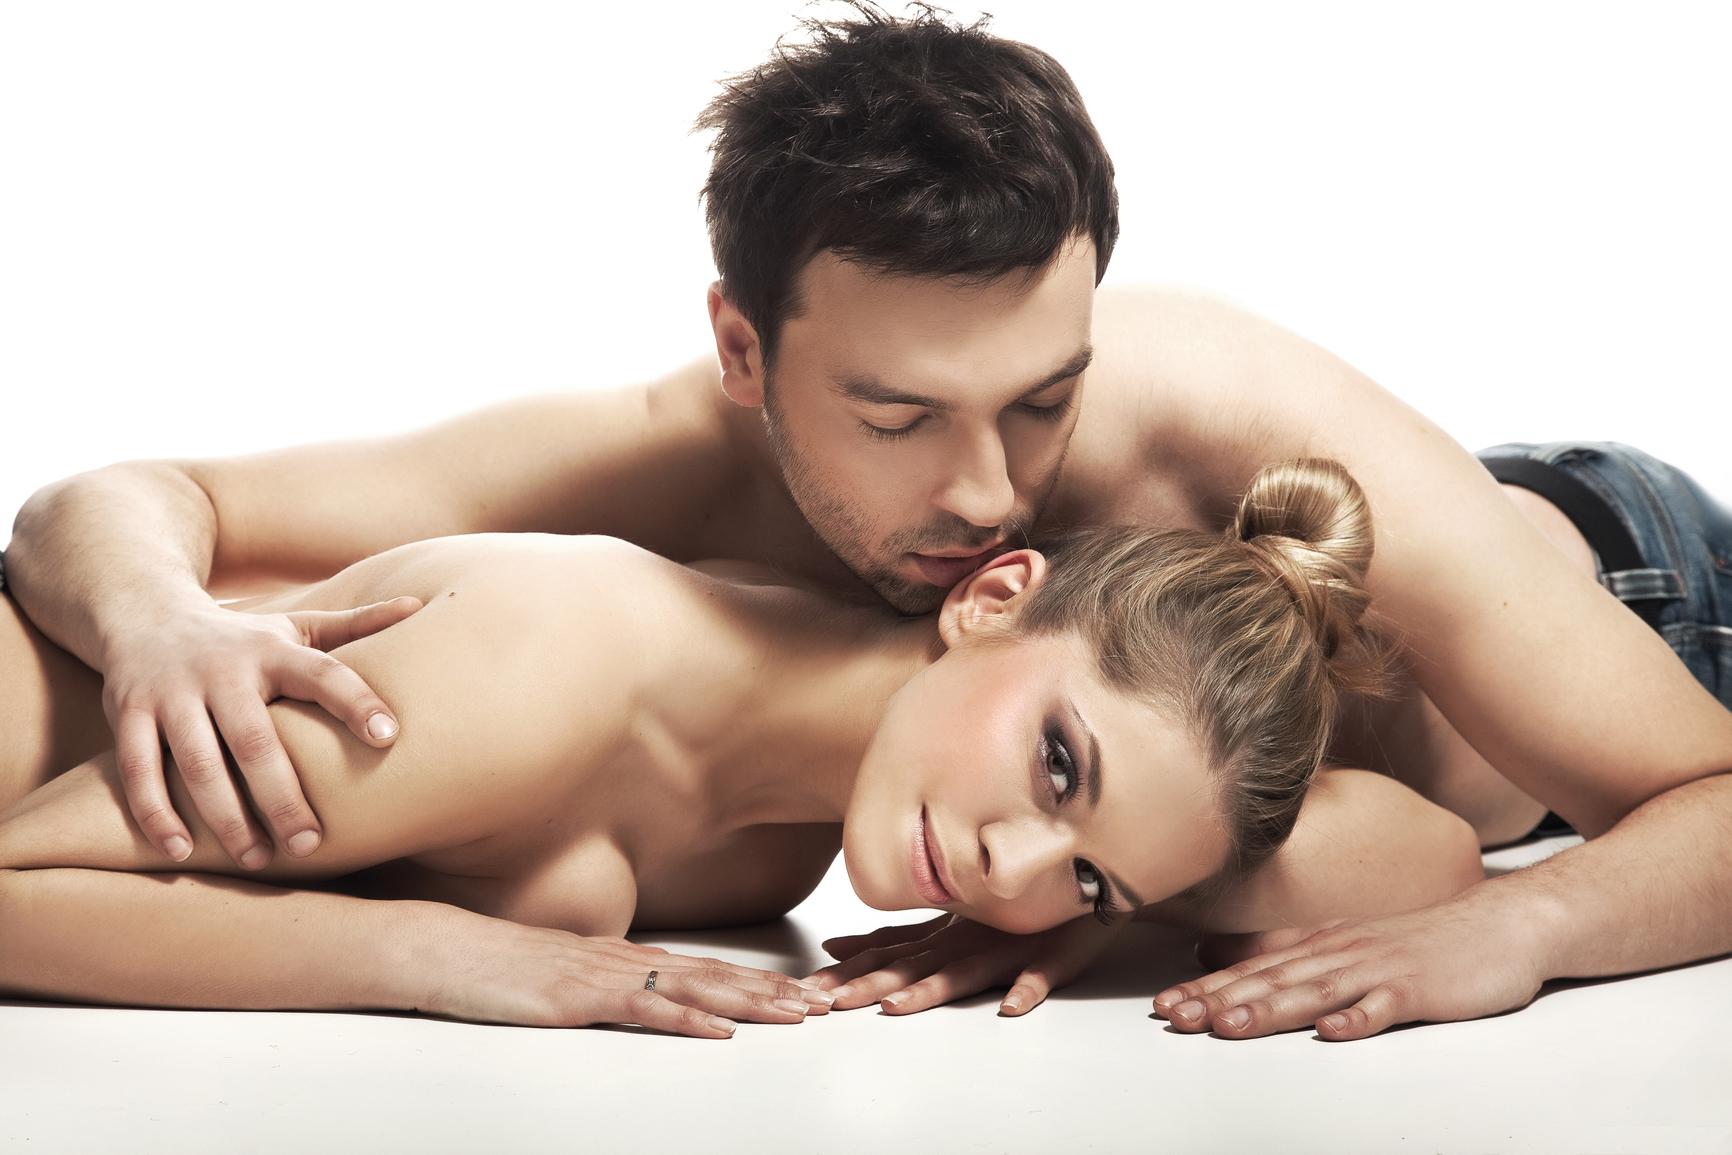 kak-razvit-seksualnuyu-chuvstvitelnost